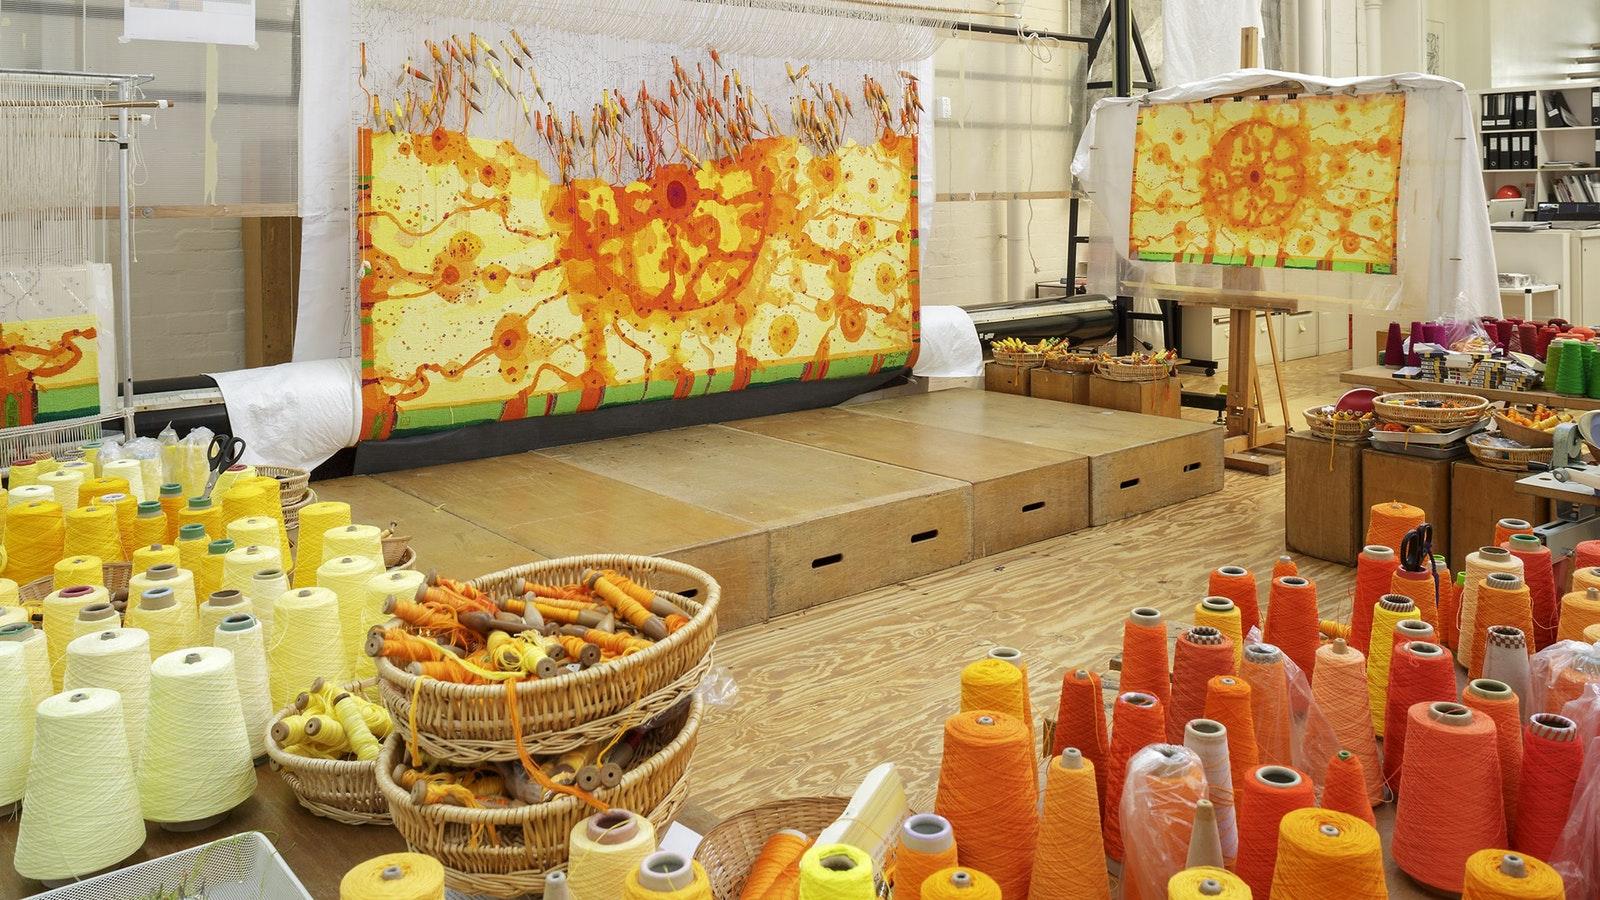 On the Loom:  Sun Over the You Beaut Country, 2014   Artist:  John Olsen AO OBE